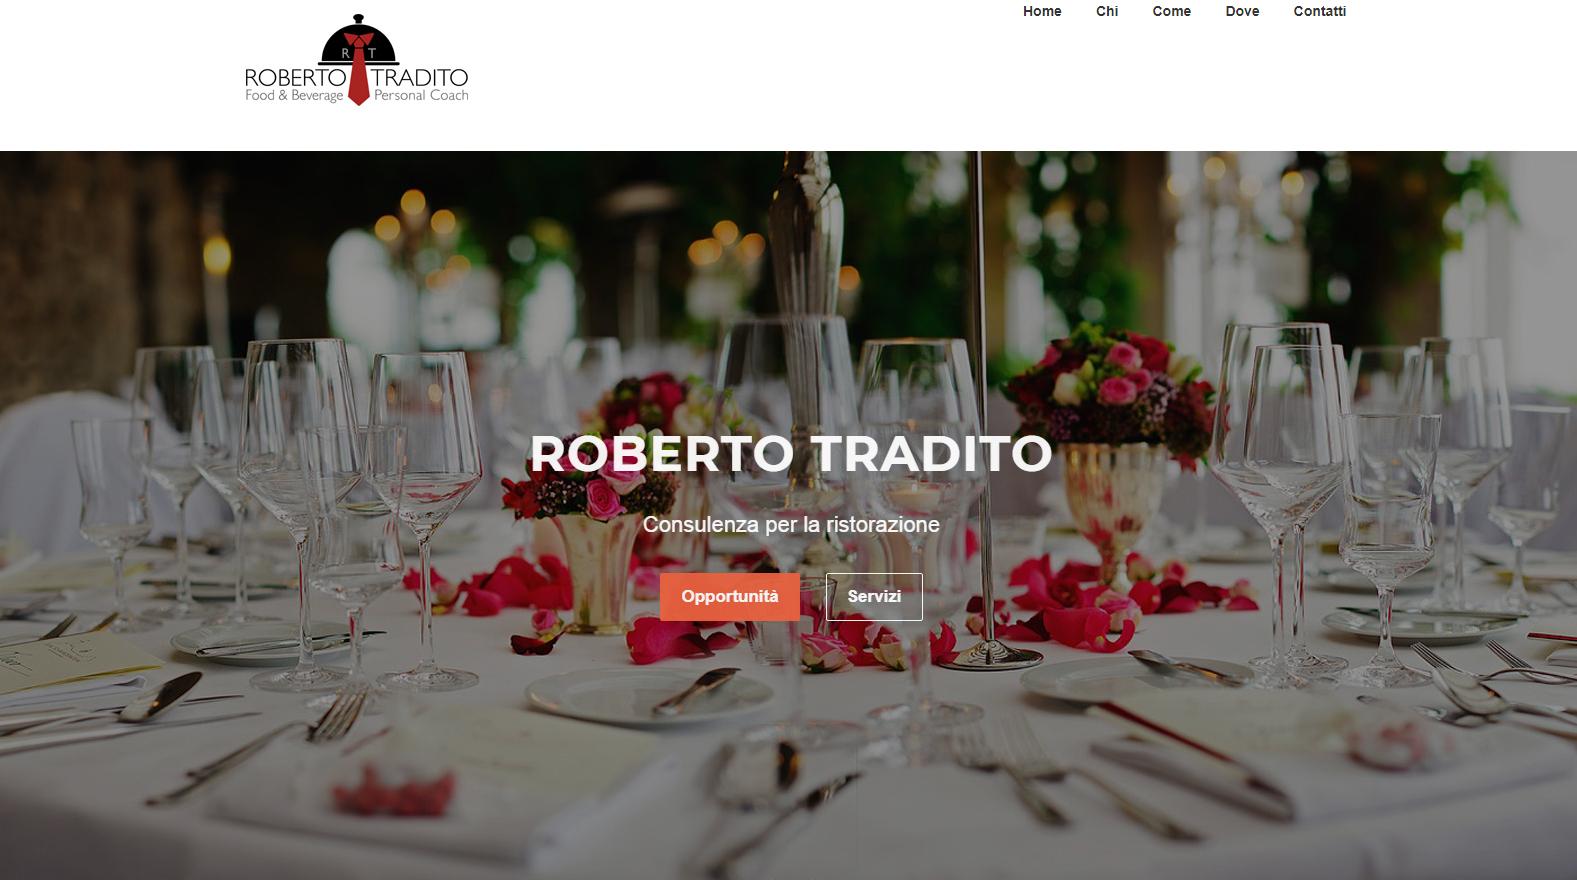 Roberto Tradito, consulente per la ristorazione